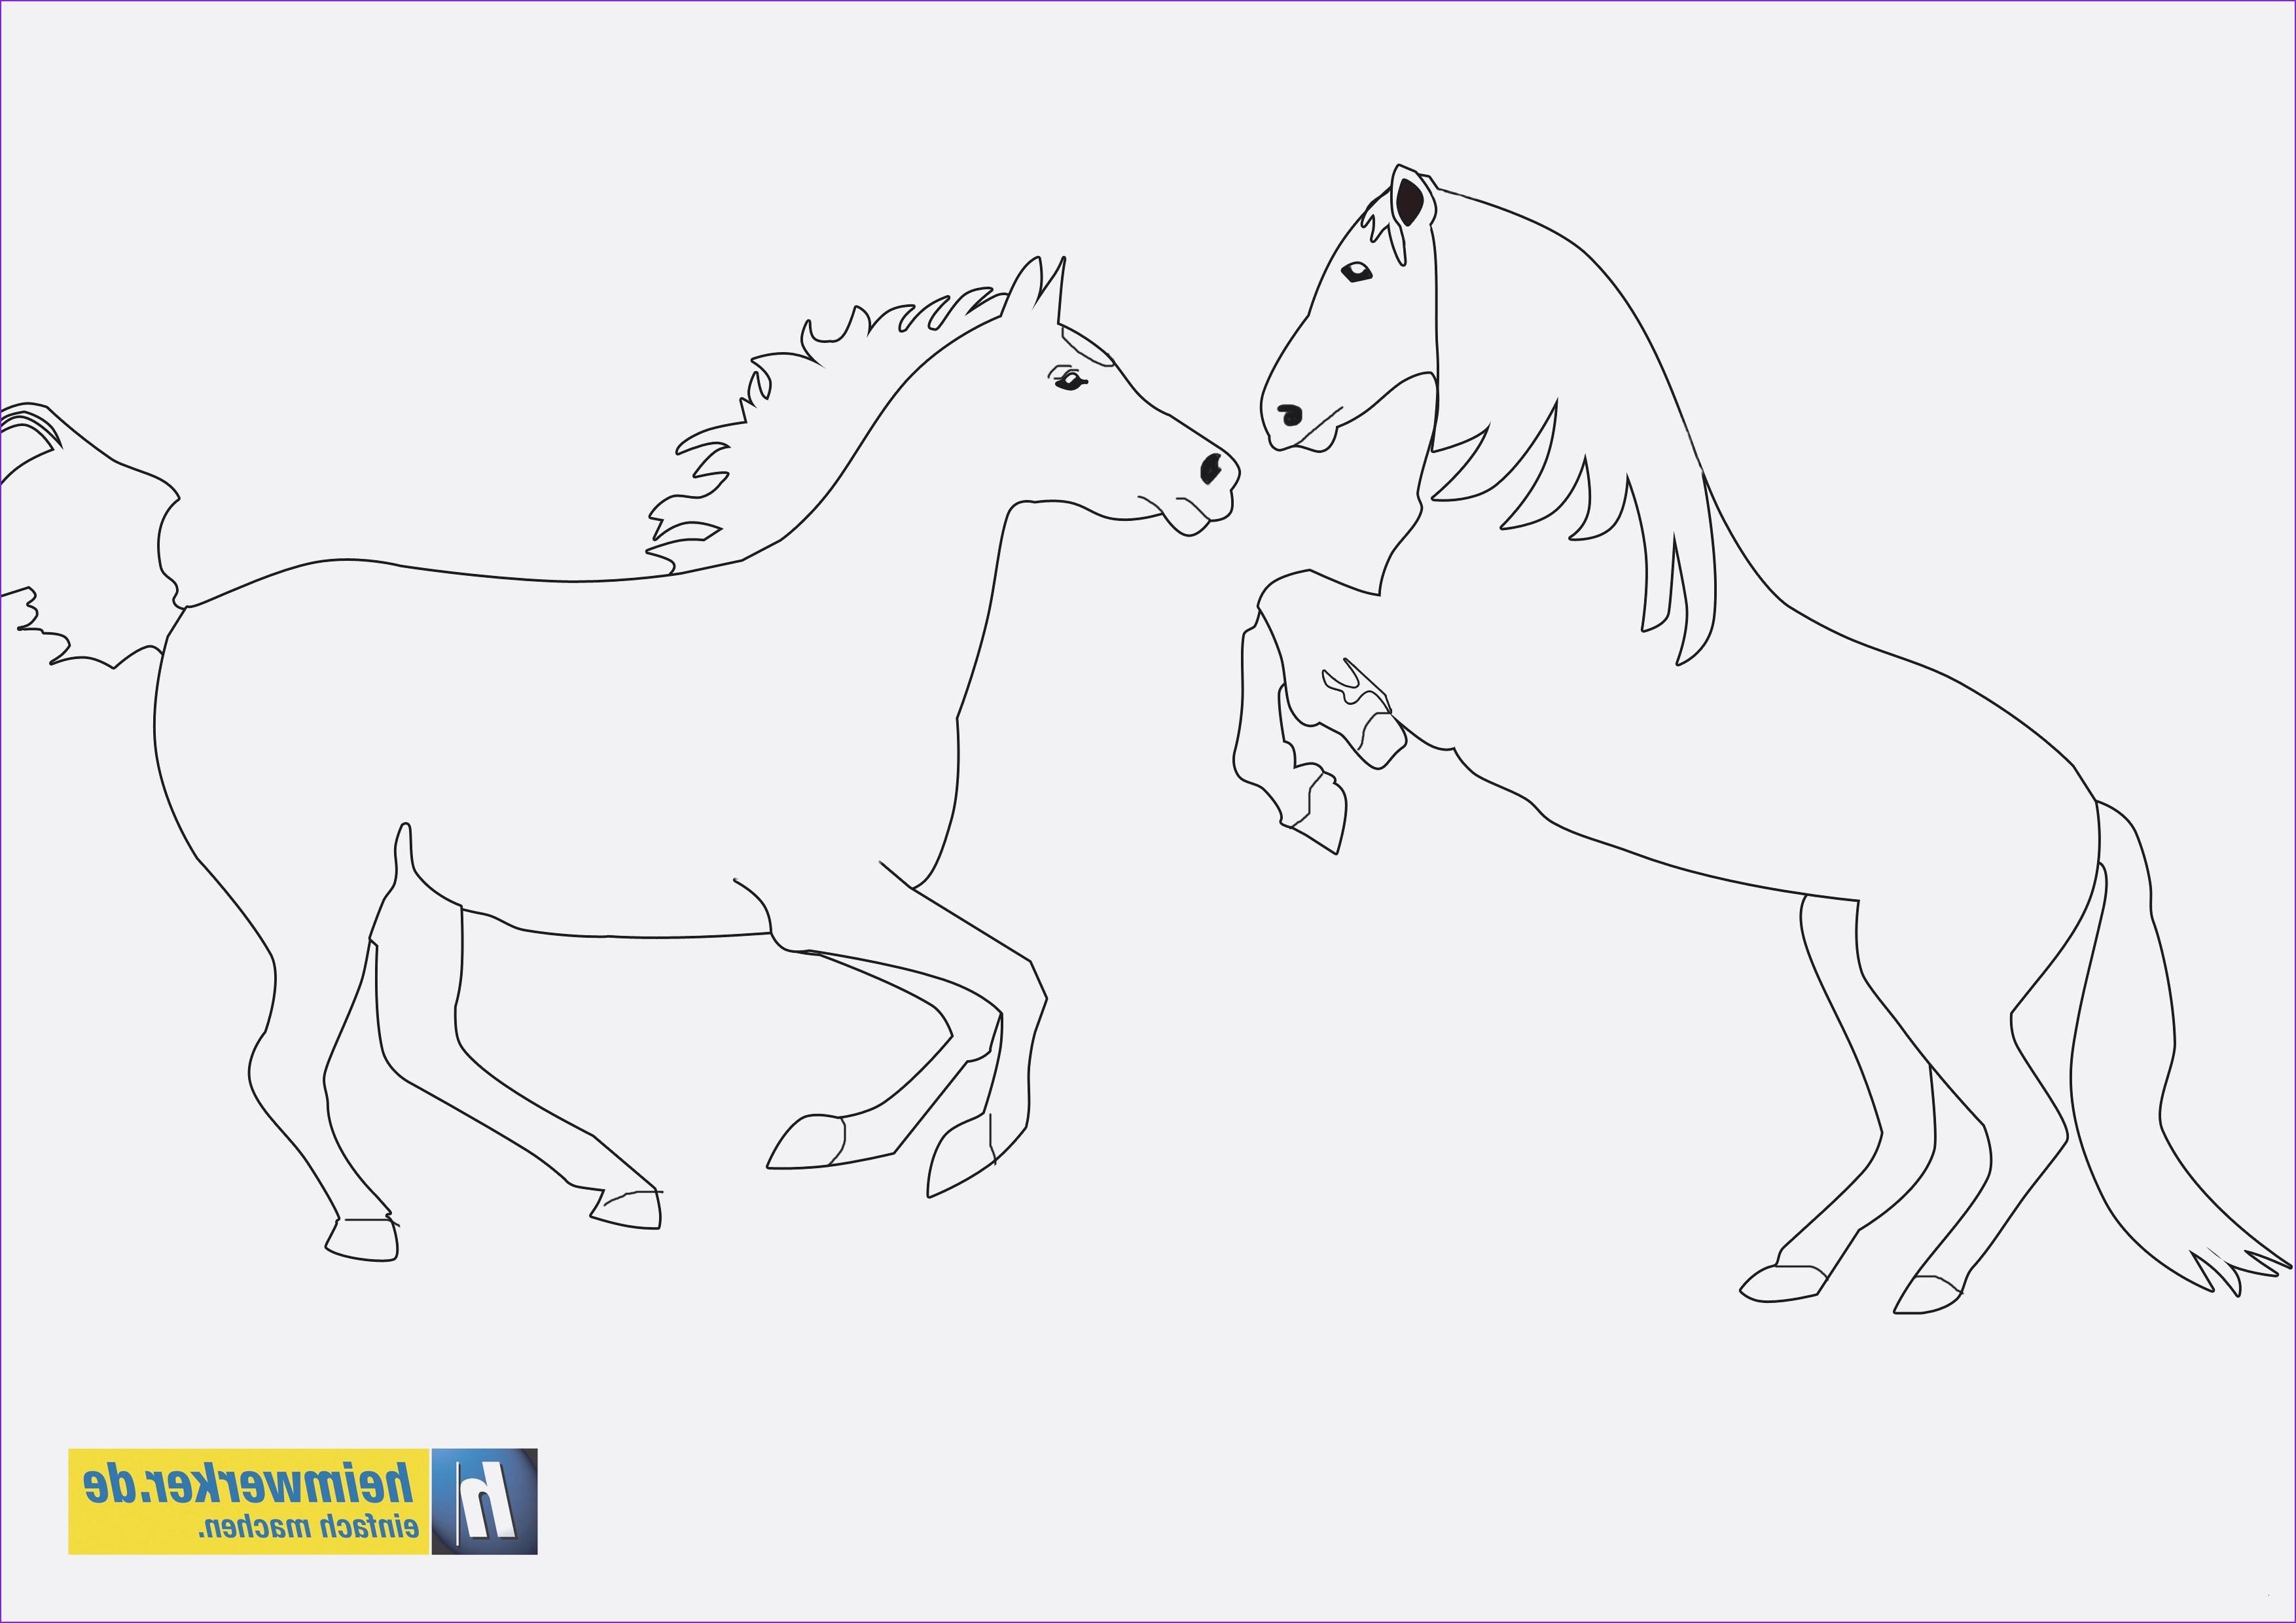 Ausmalbilder Von Bibi Und Tina Inspirierend 29 Elegant Bibi Und Tina 4 Ausmalbilder – Malvorlagen Ideen Bilder